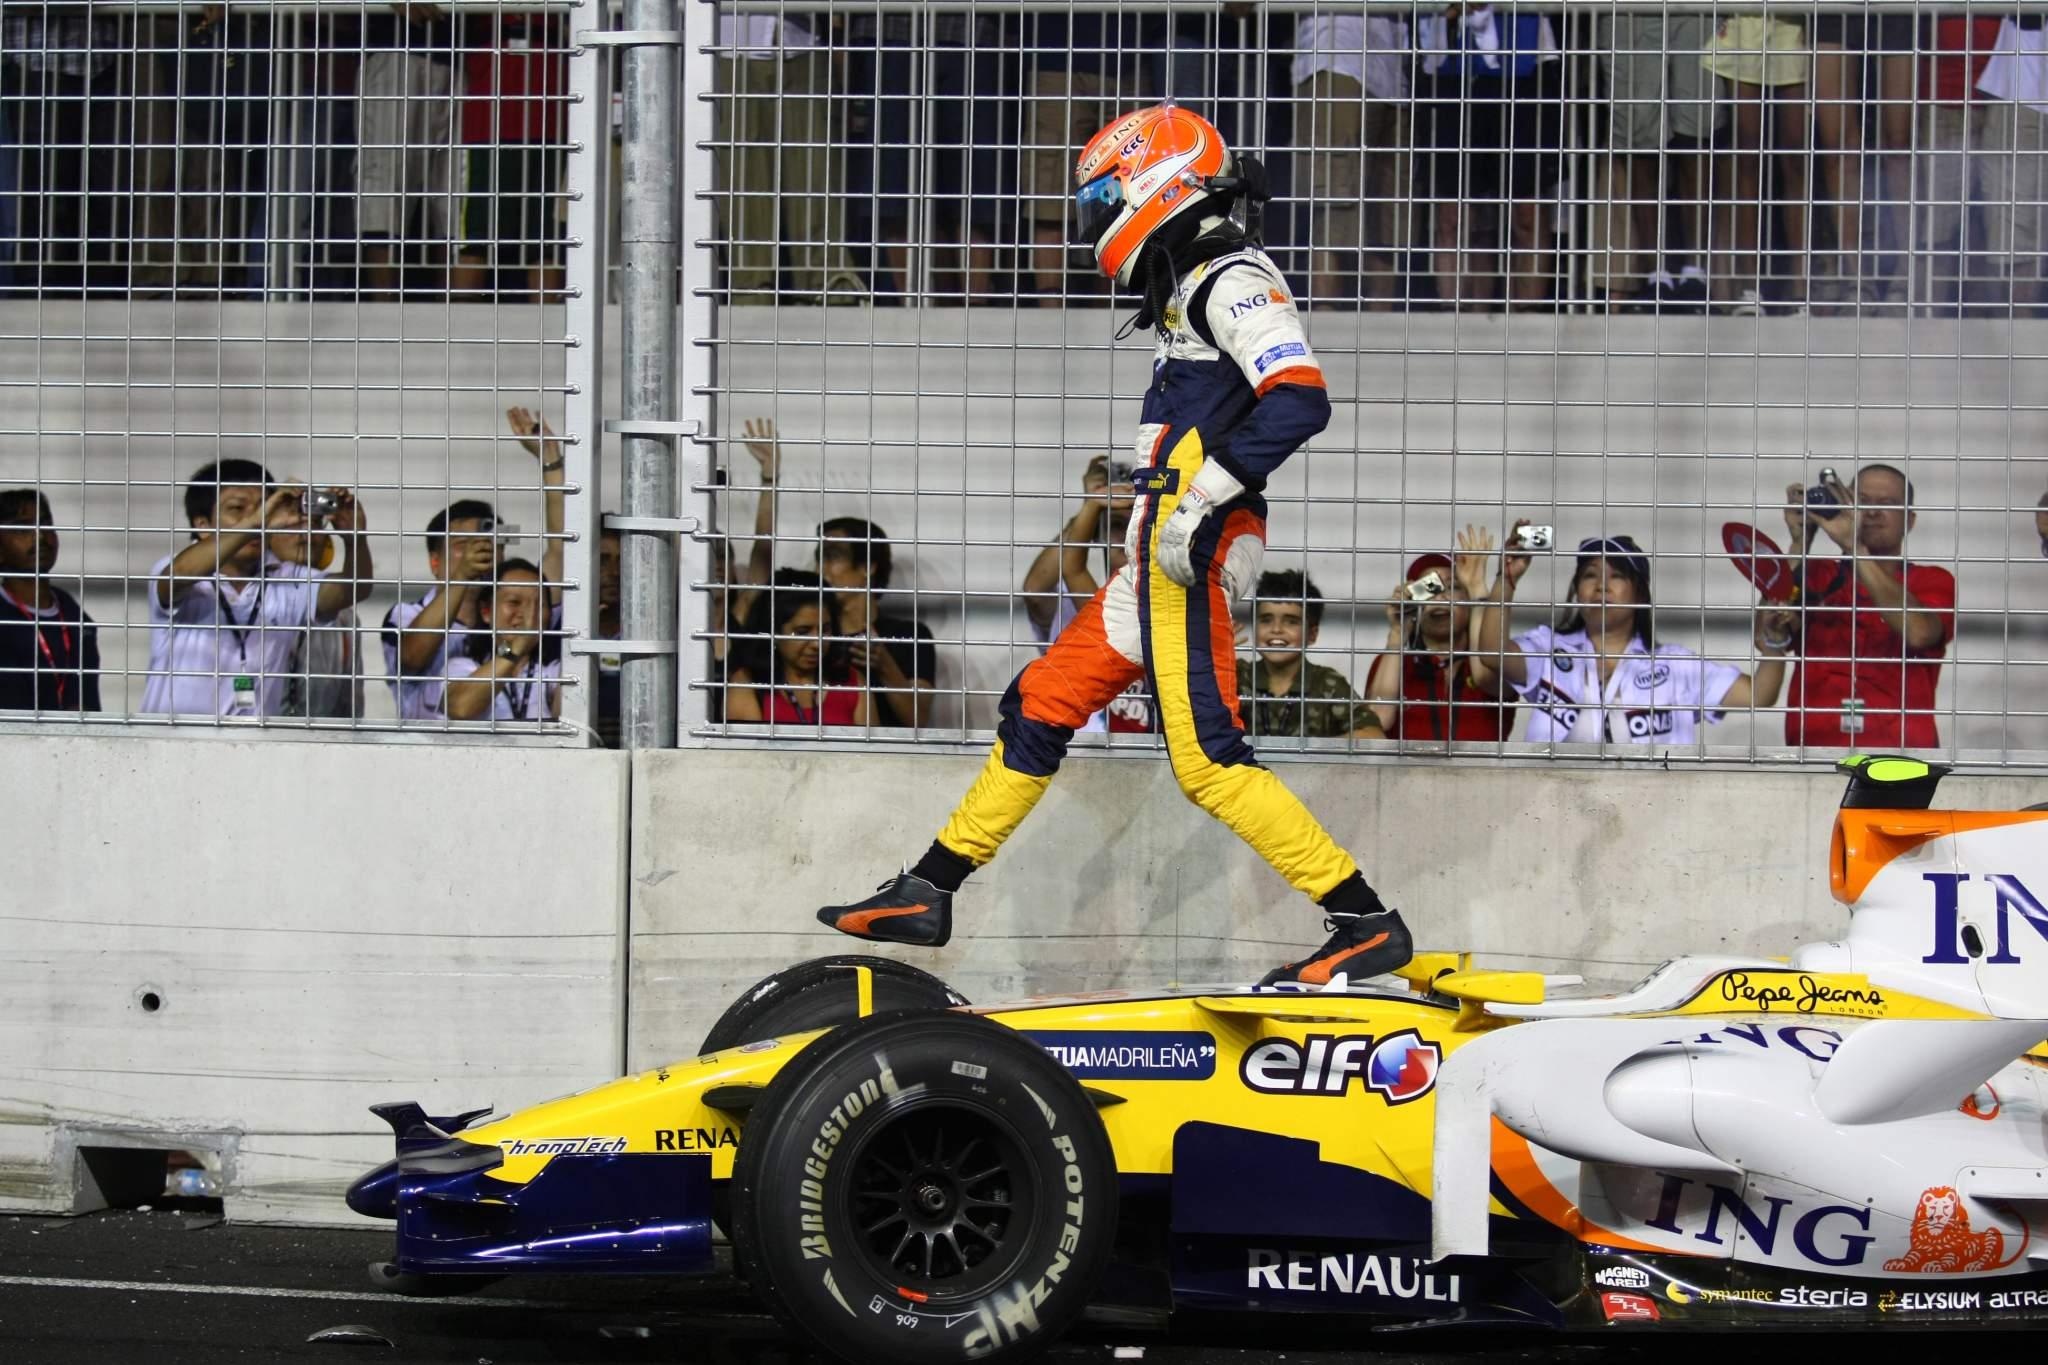 F1 Singapore GP Nelson Piquet crash